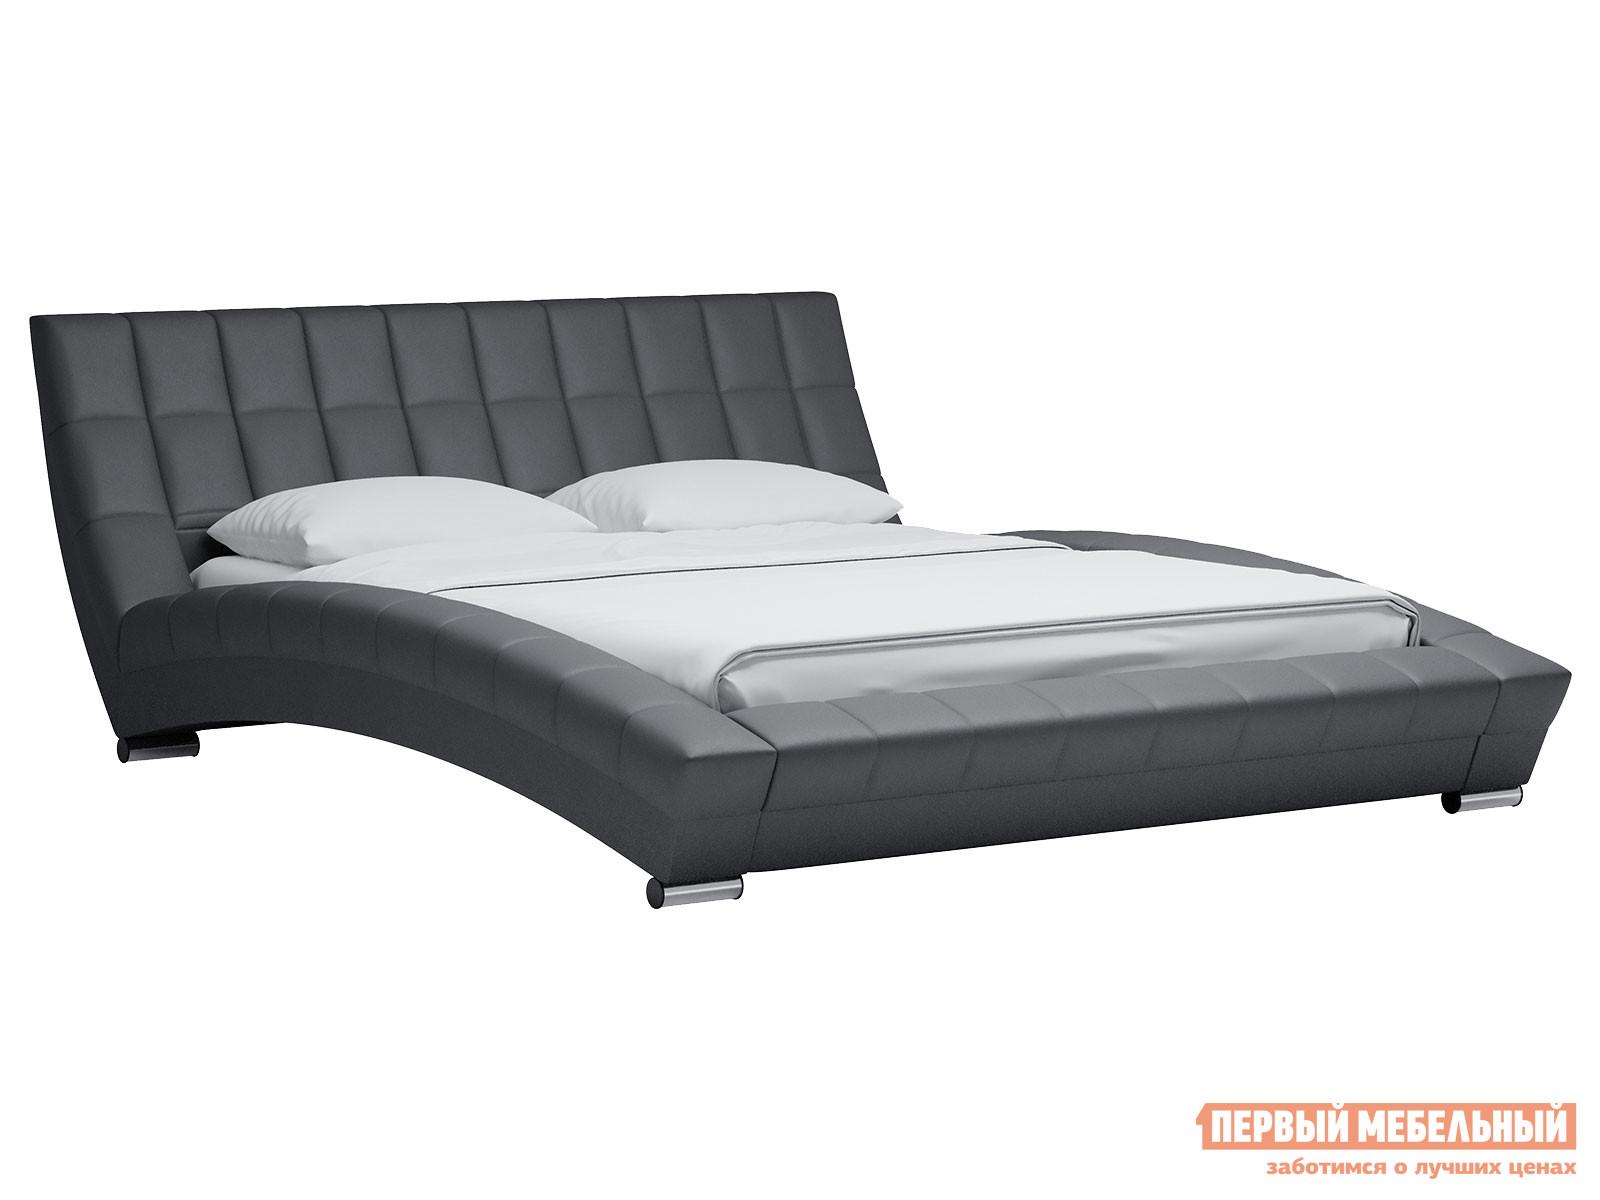 Двуспальная кровать  Кровать Оливия 160х200 Серый, экокожа — Кровать Оливия 160х200 Серый, экокожа